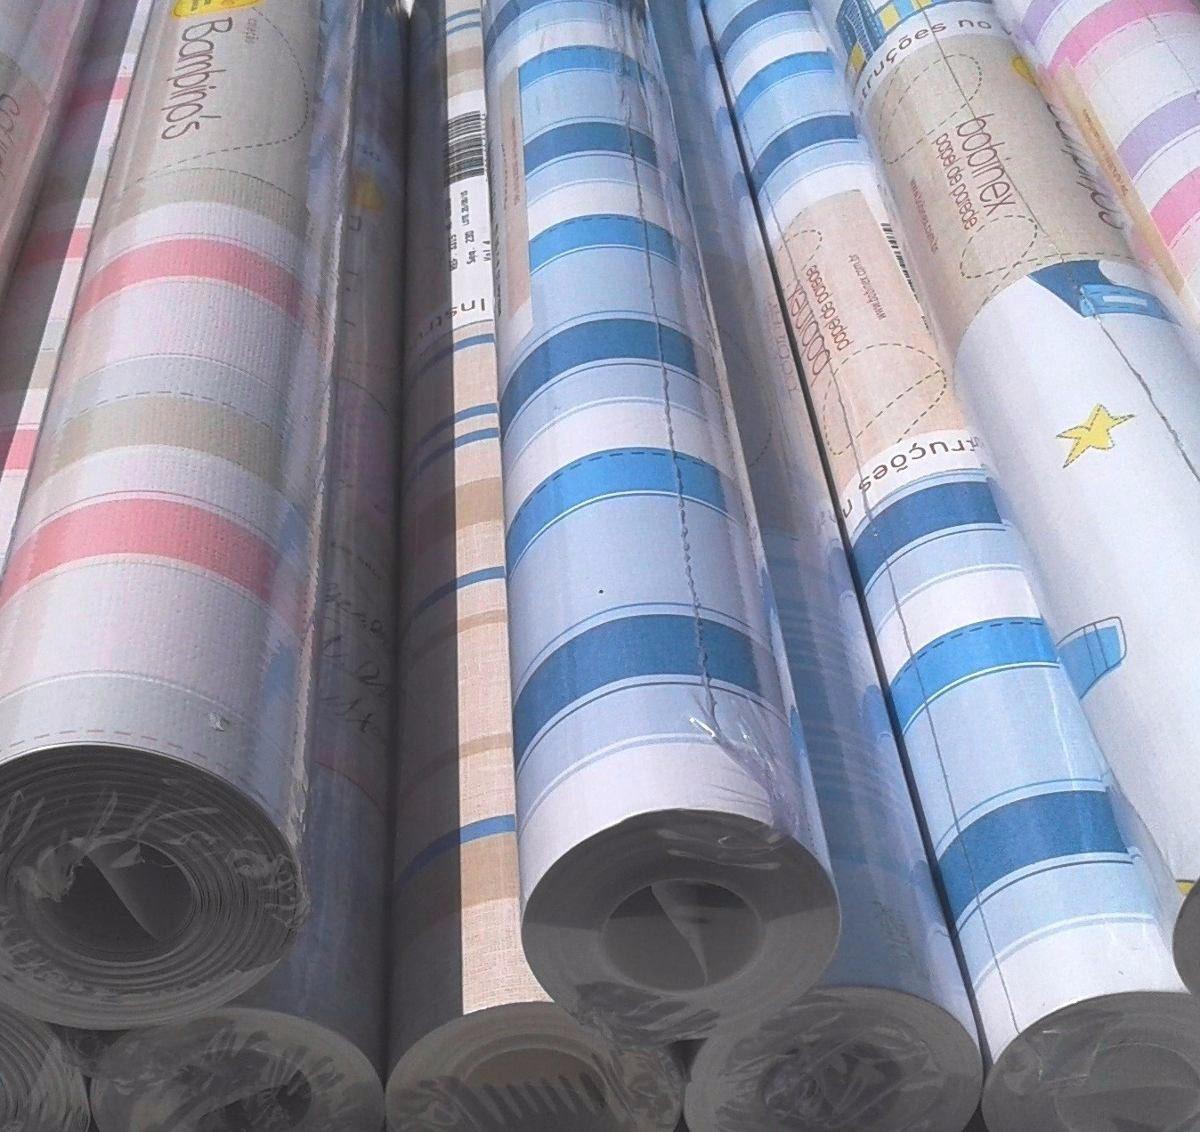 Papel de parede bambinos quarto infantil bobinex beb 3303 - Papel para paredes baratos ...